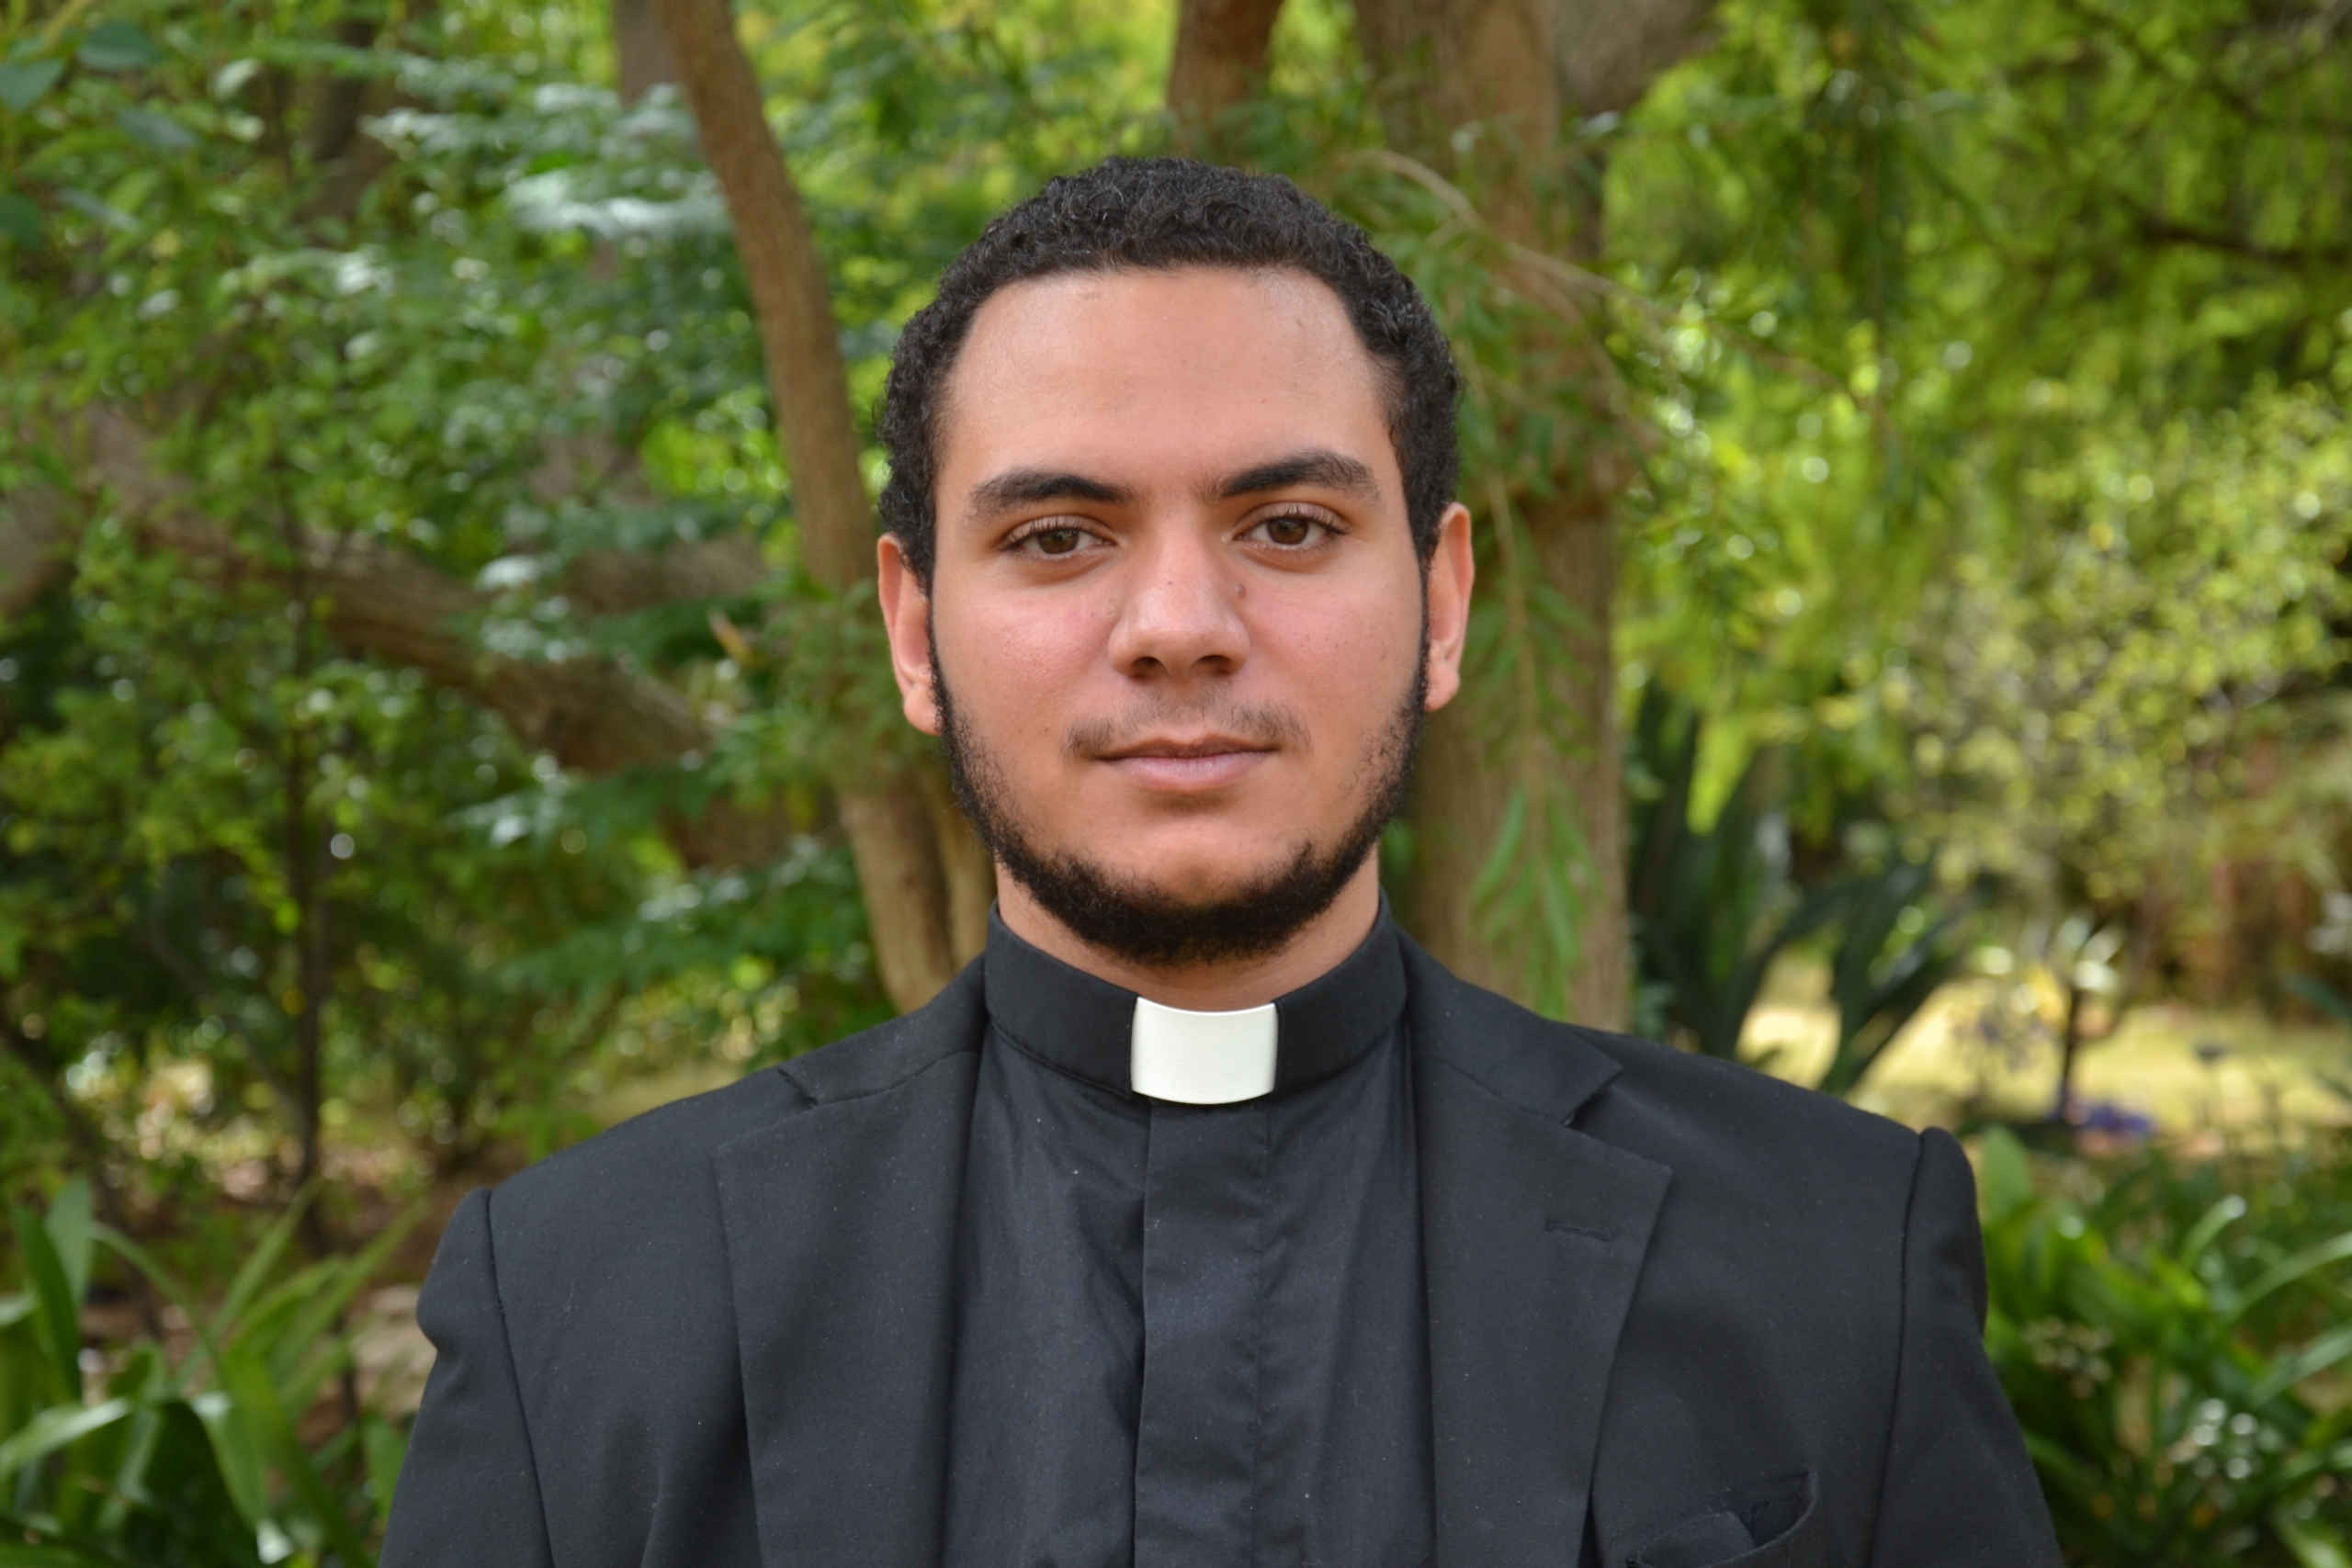 Danial Fathallah